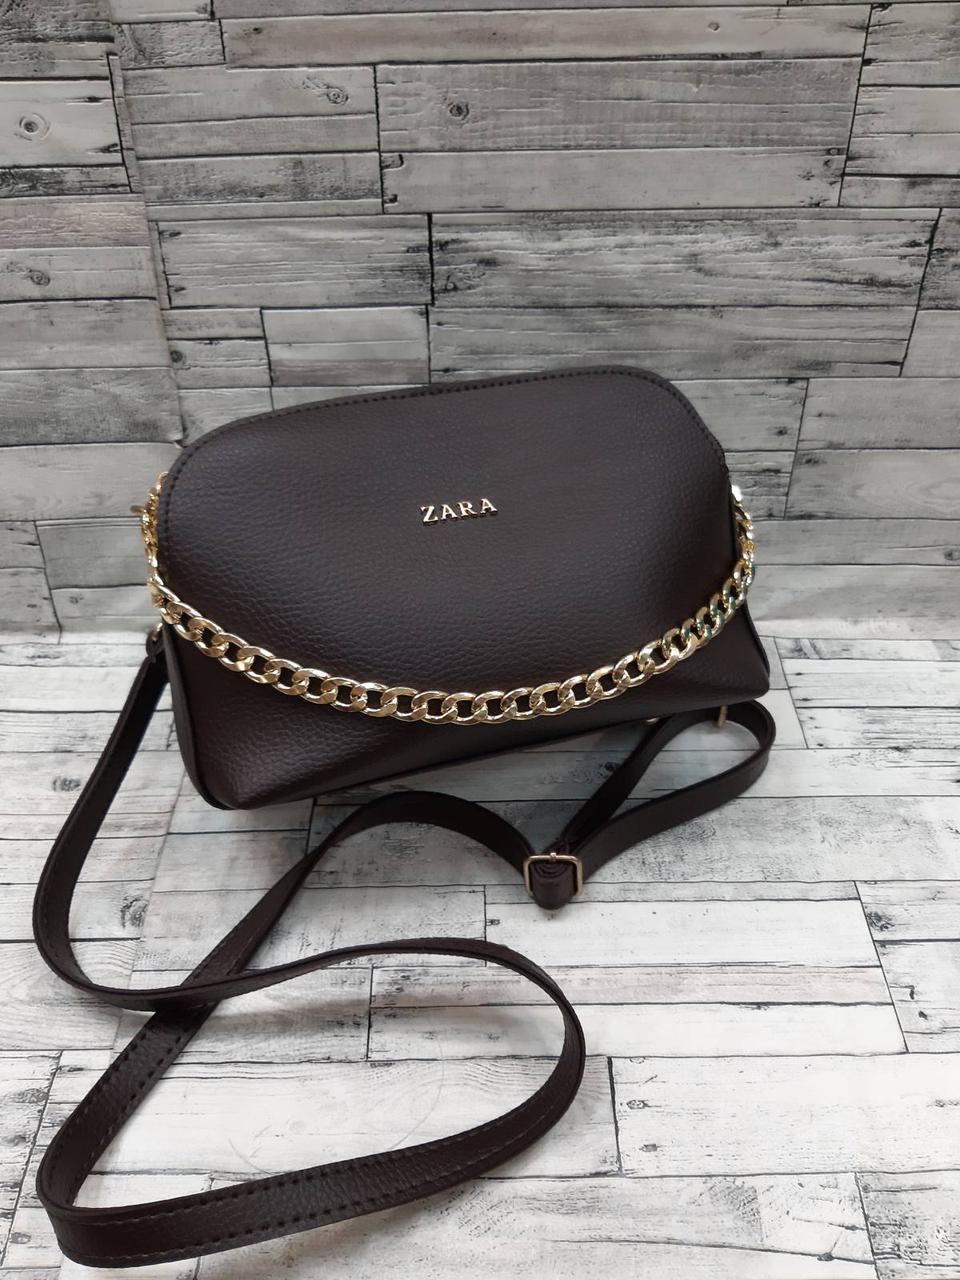 Женская Сумочка клатч с цепочкой ZARA  кож.зам на плечо сумка